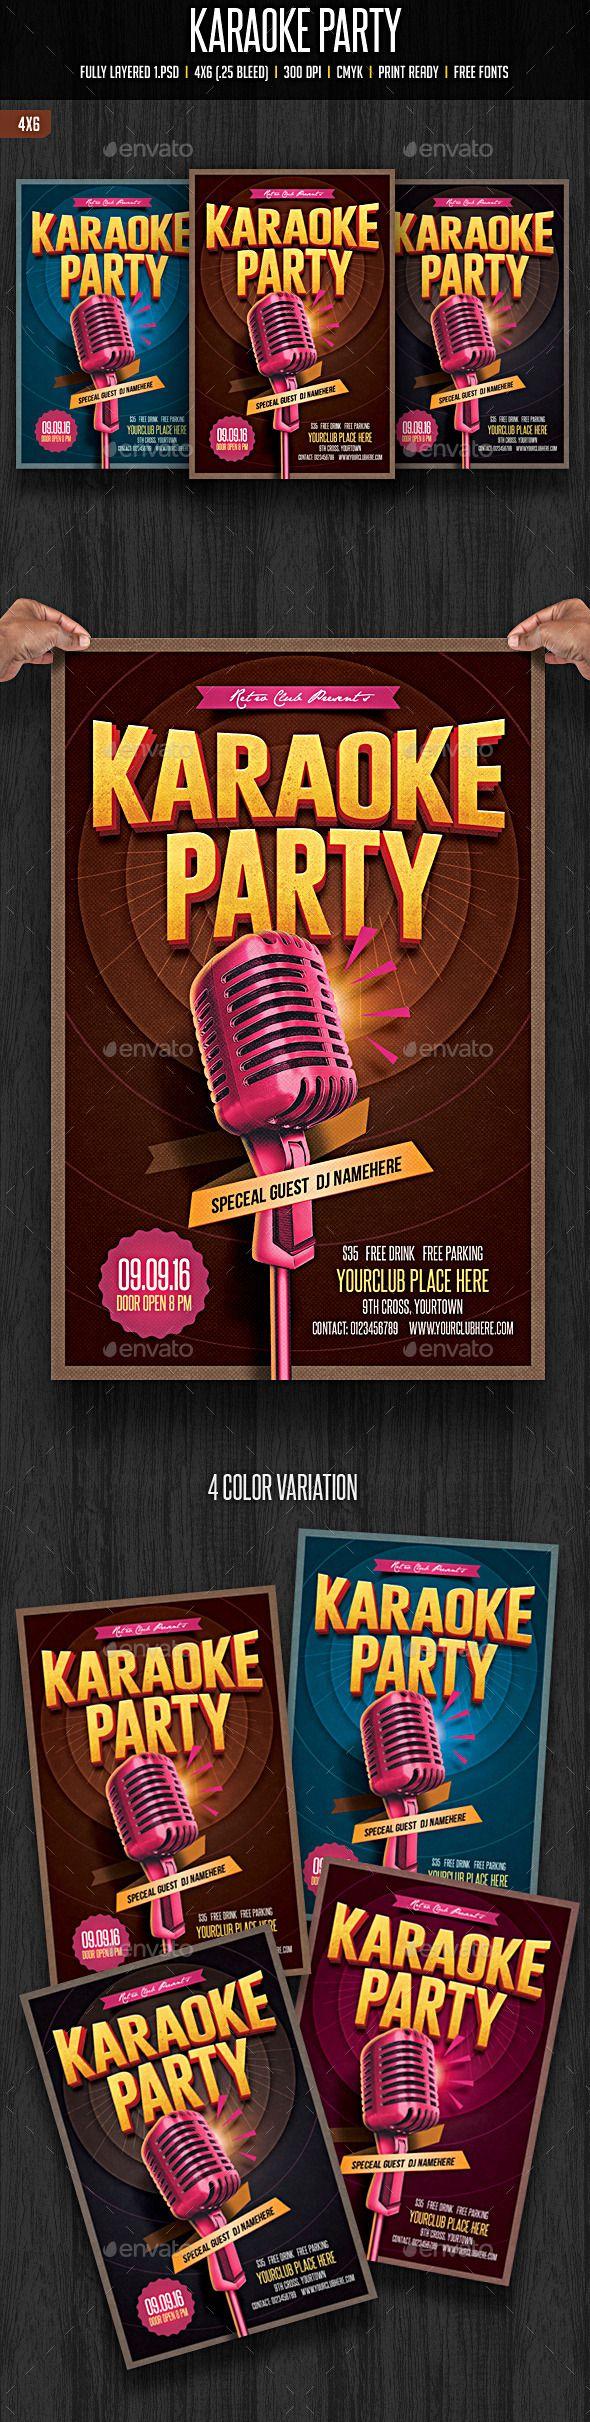 karaoke party karaoke party party flyer and karaoke